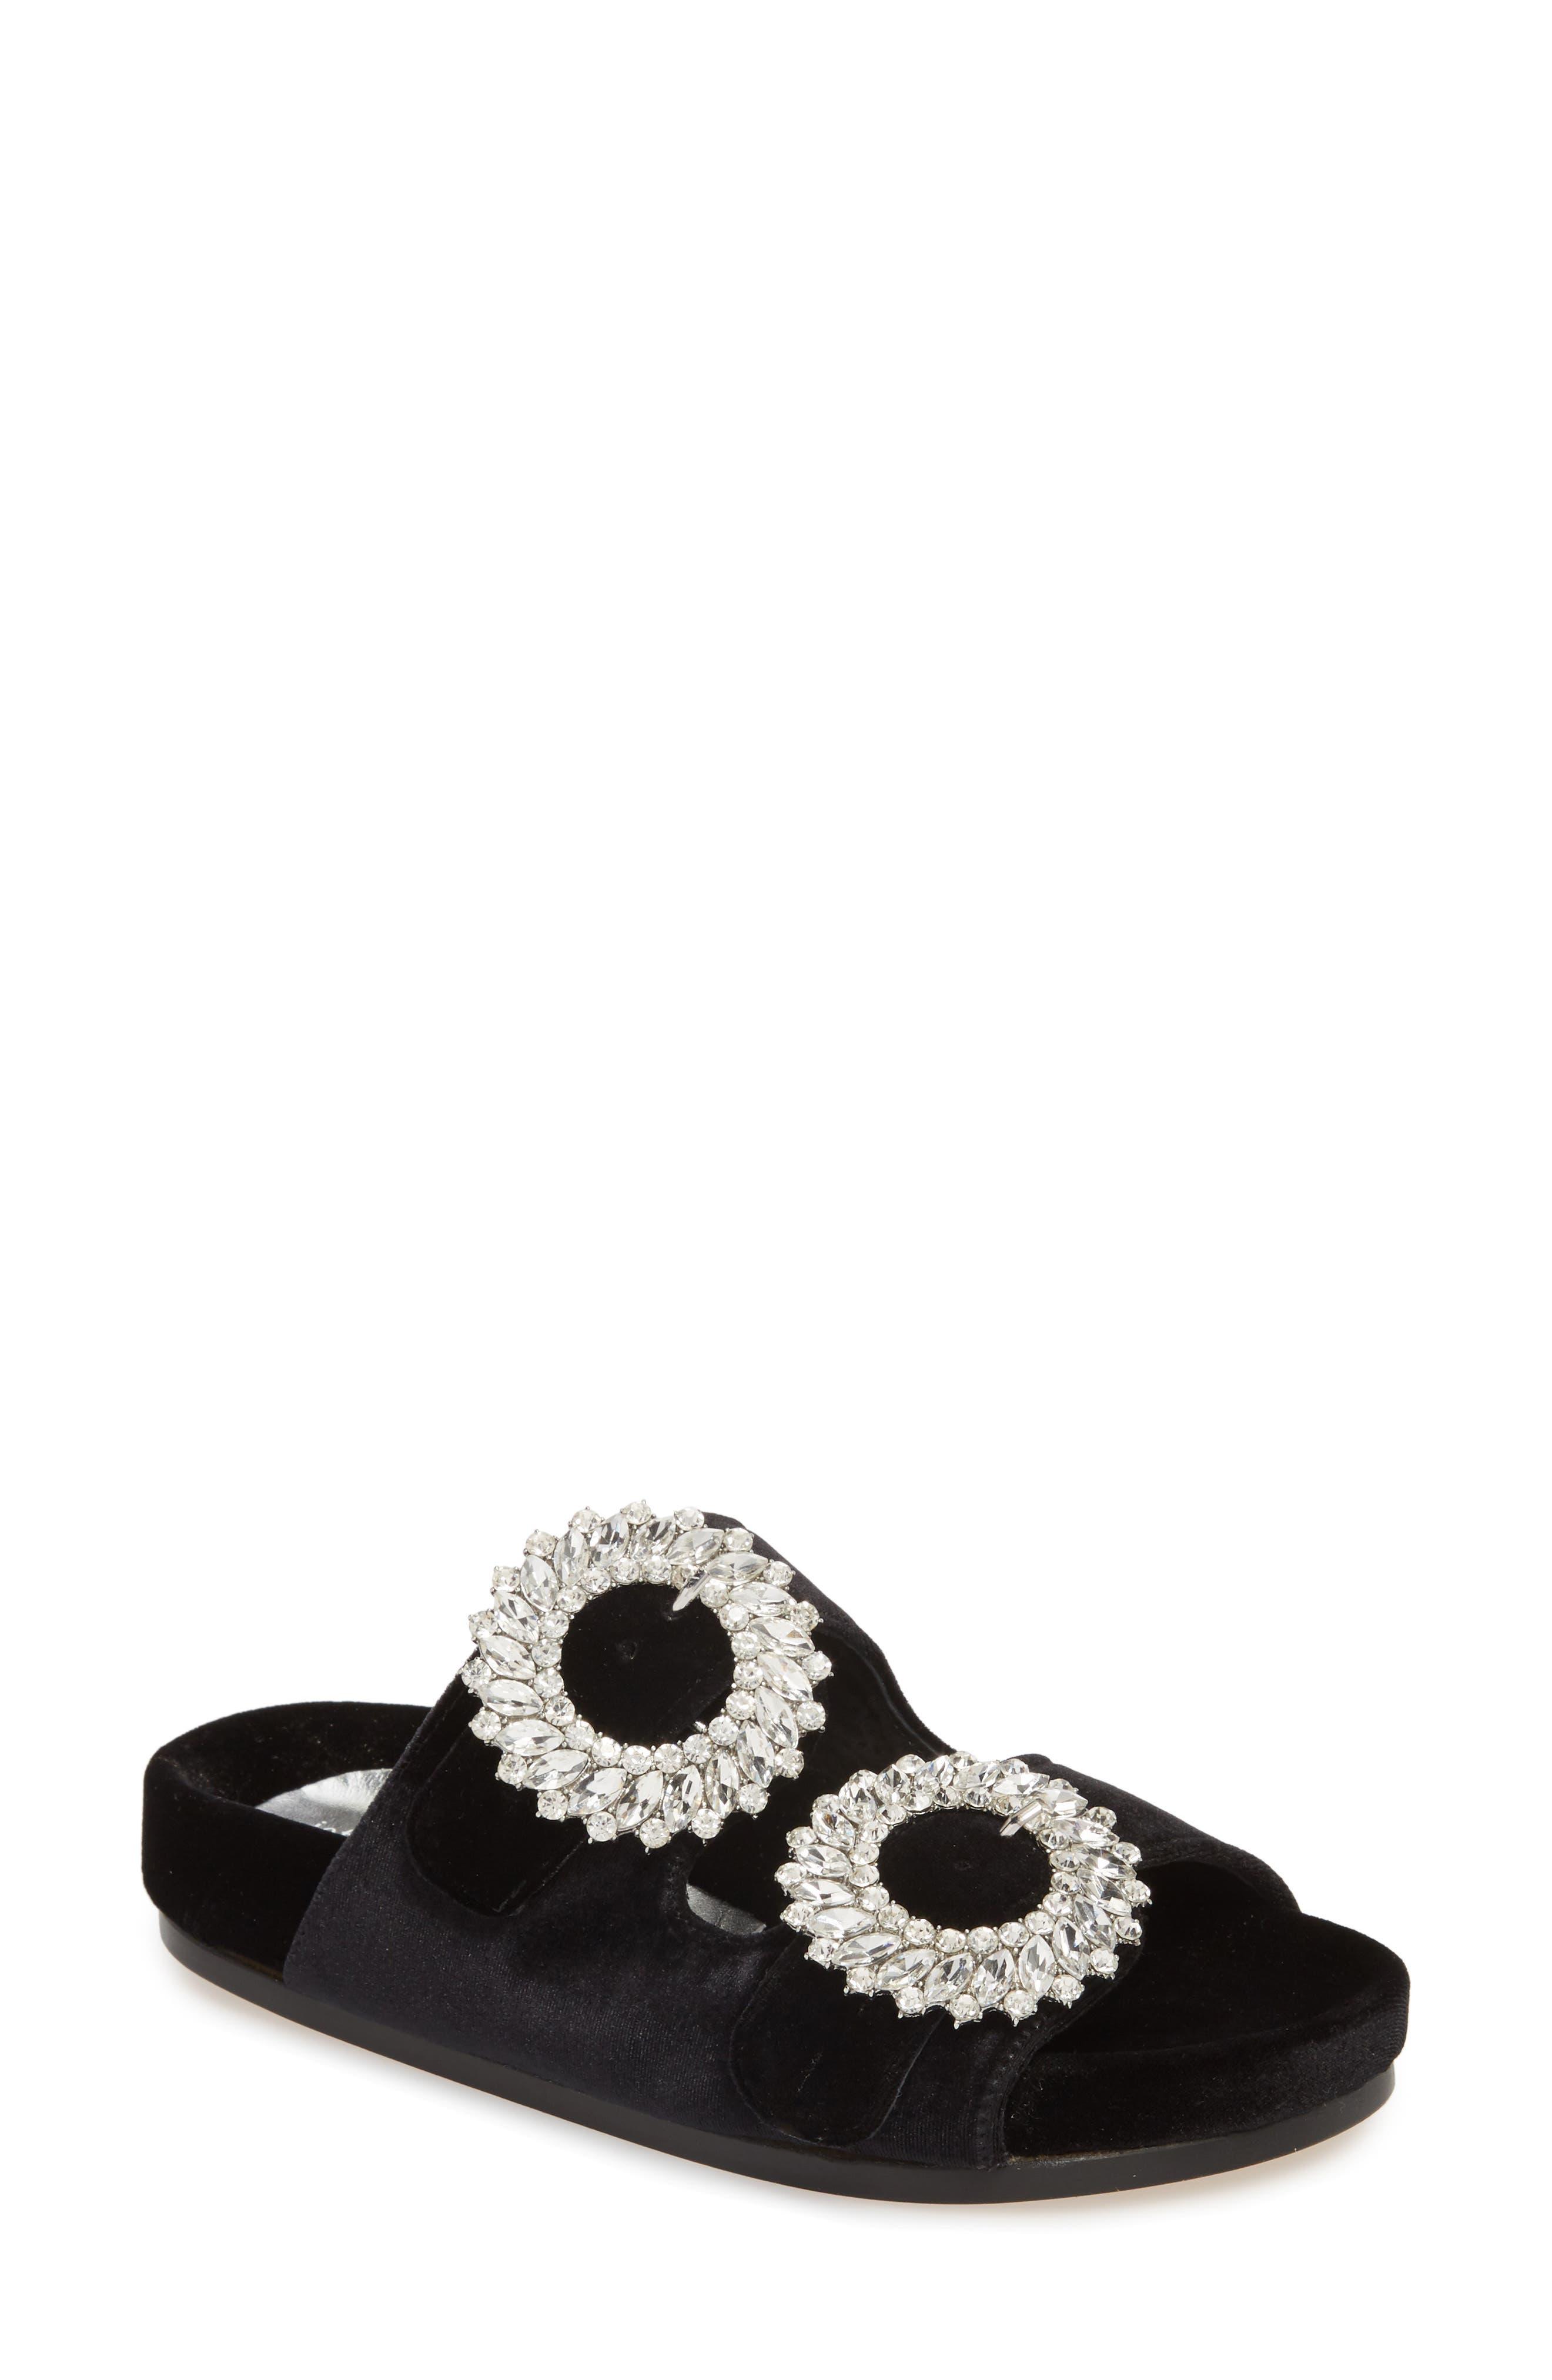 Izaro Embellished Slide Sandal,                             Main thumbnail 1, color,                             Black Velvet/ Silver